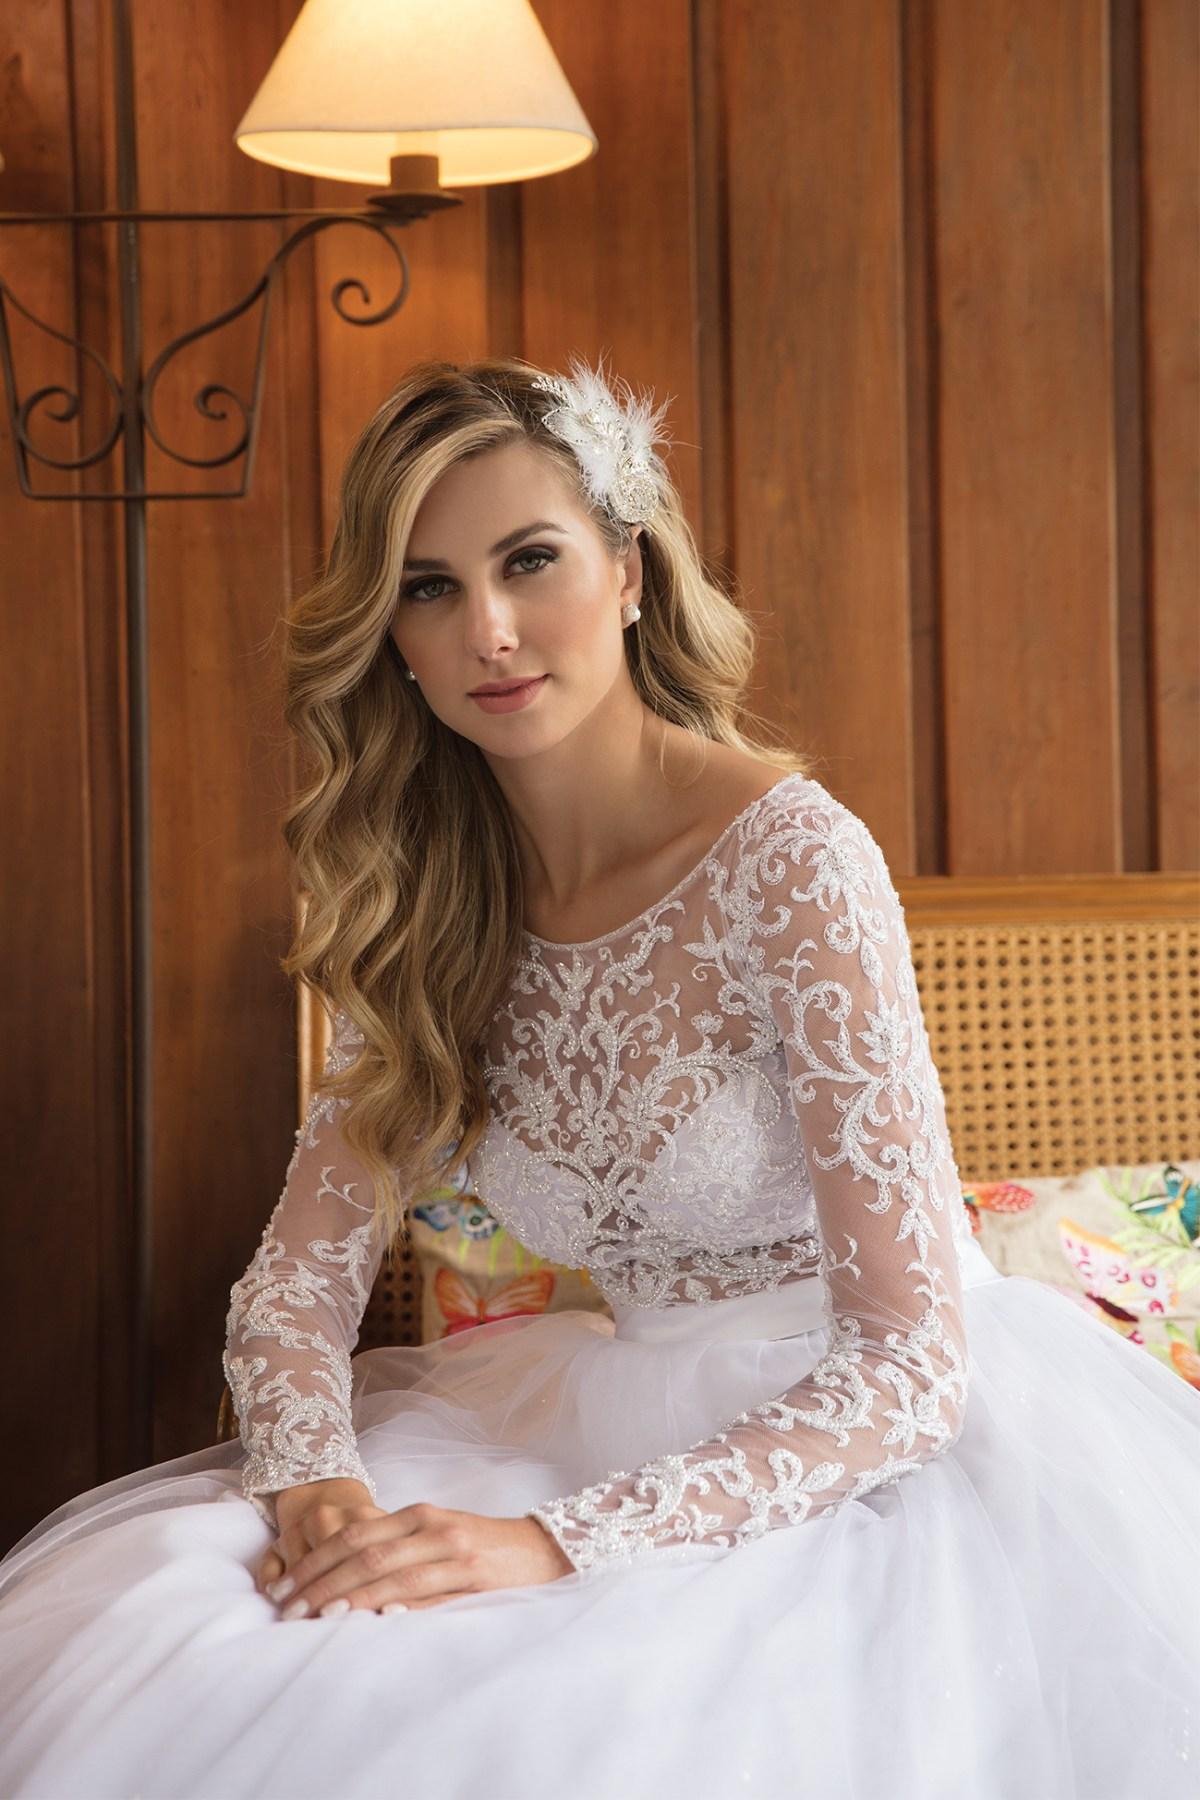 Vestido de noiva com tule e bordado | Nova noiva